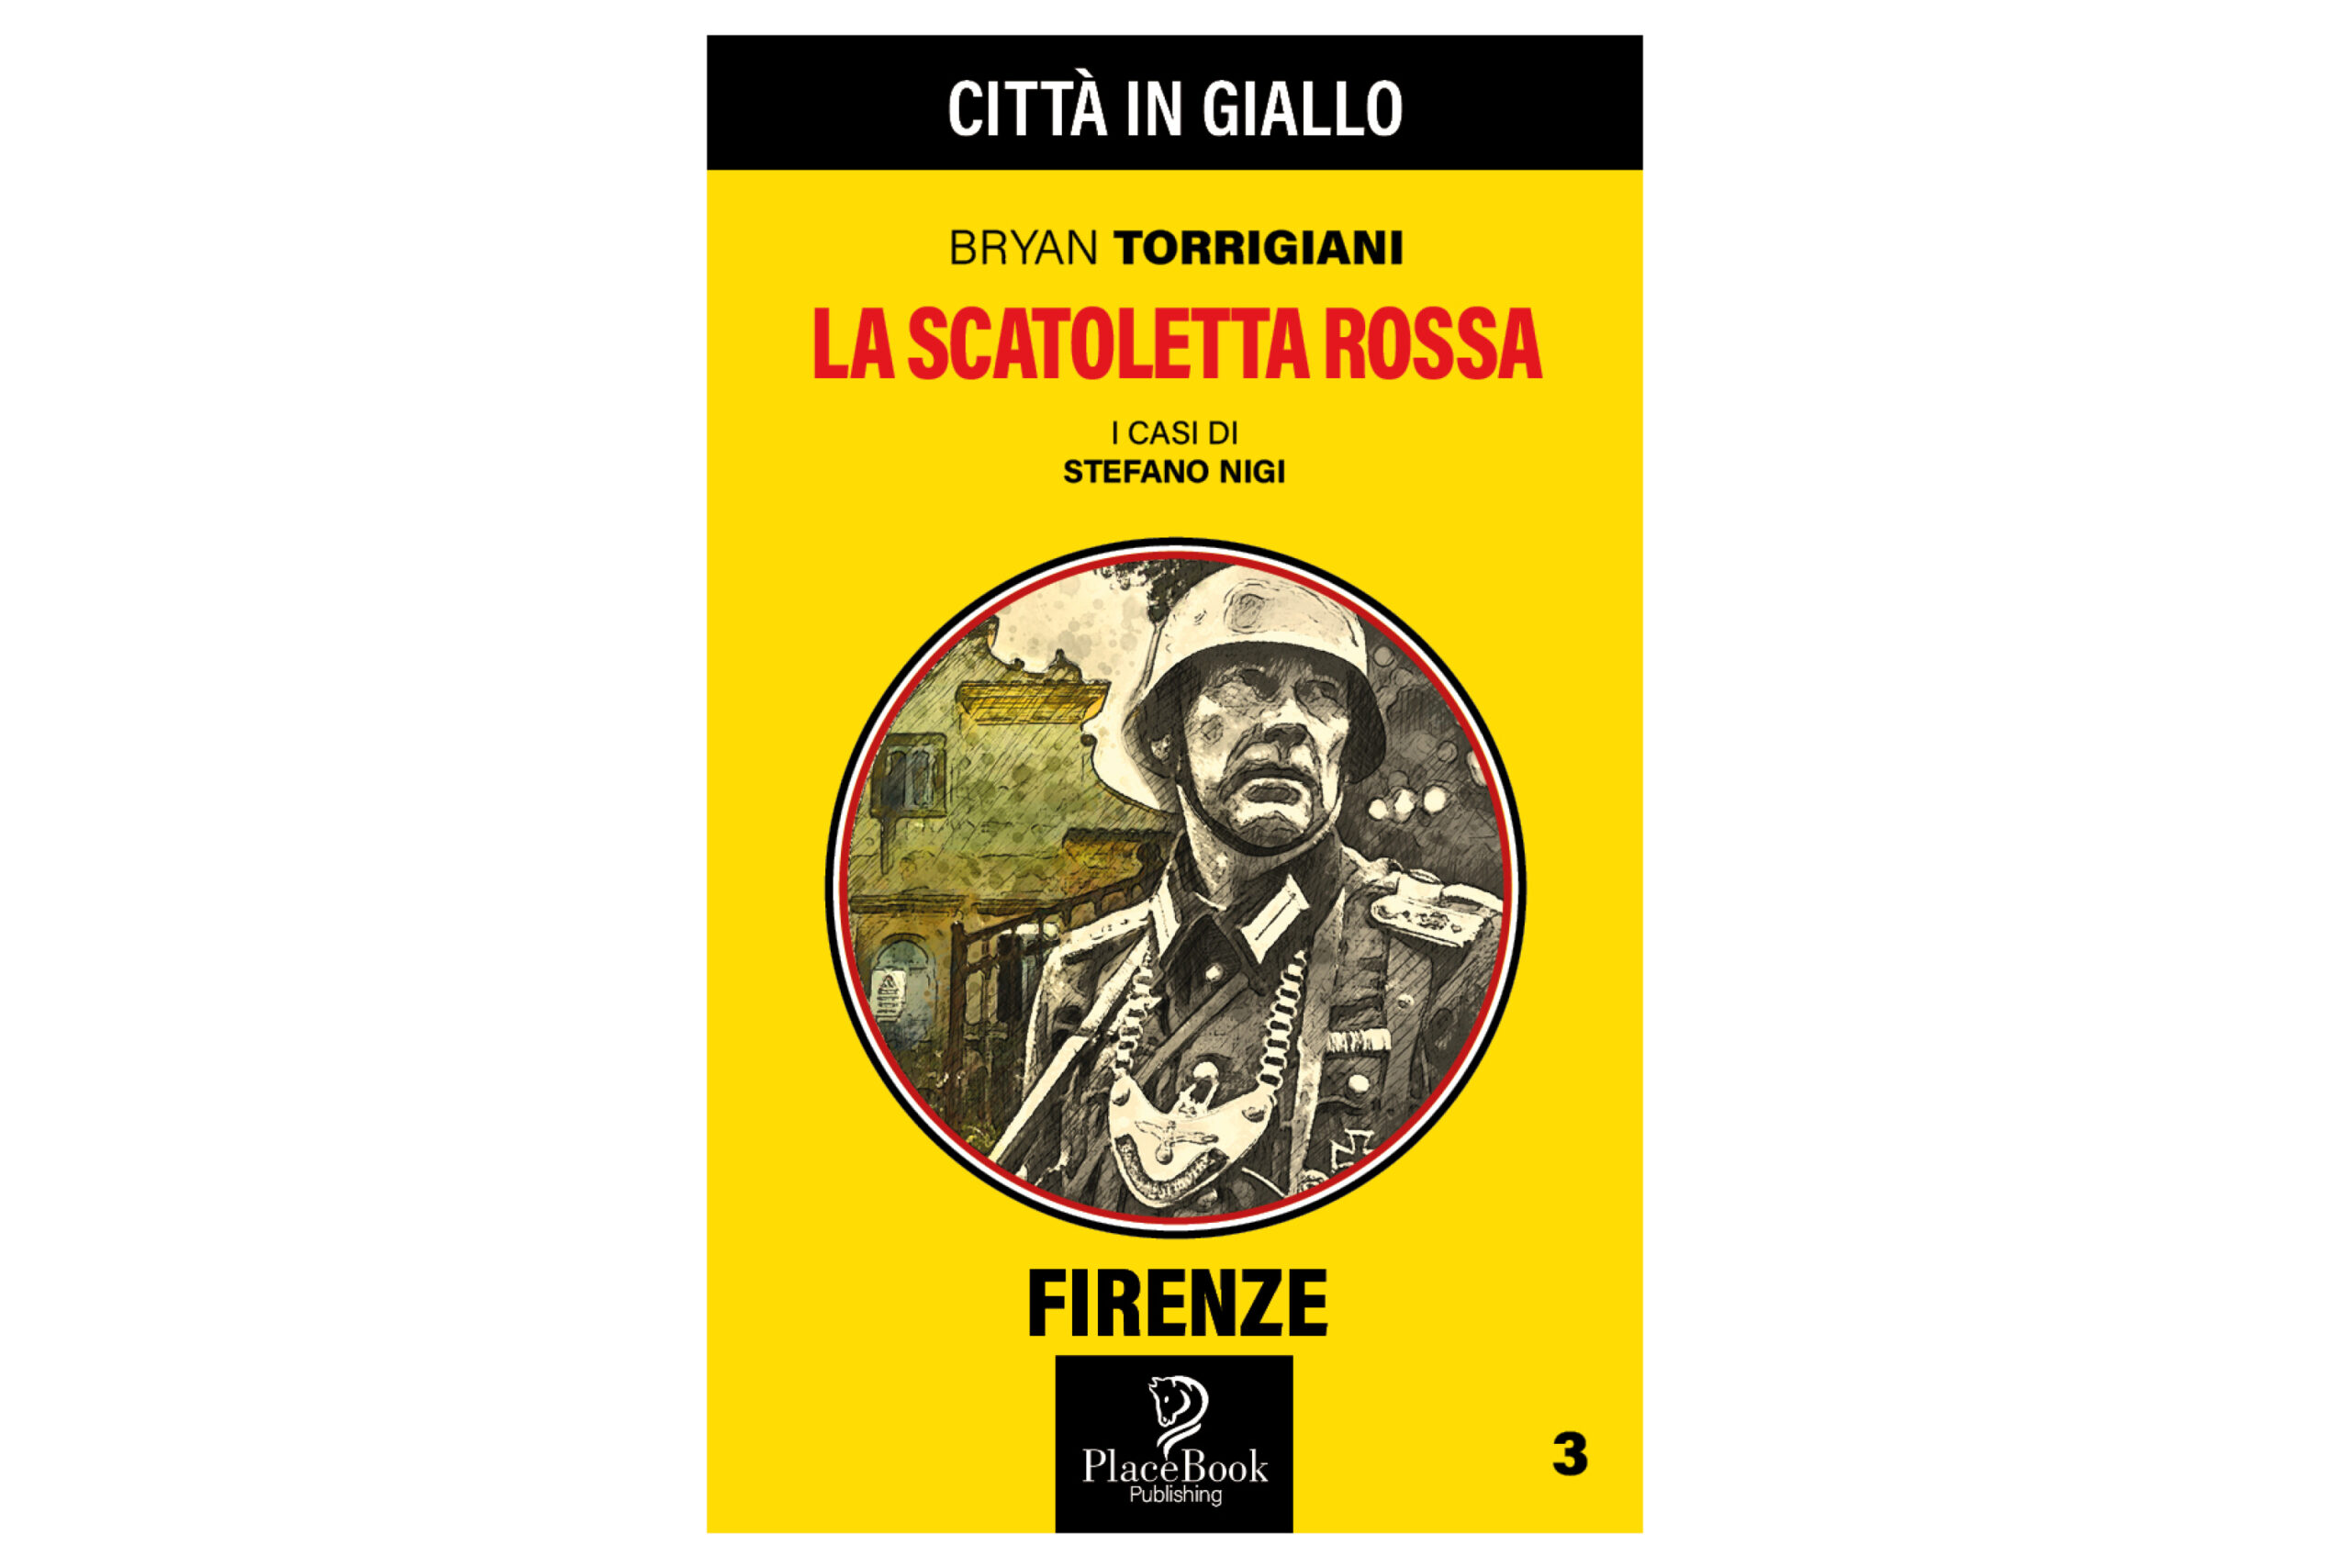 La scatoletta rossa – Firenze 3